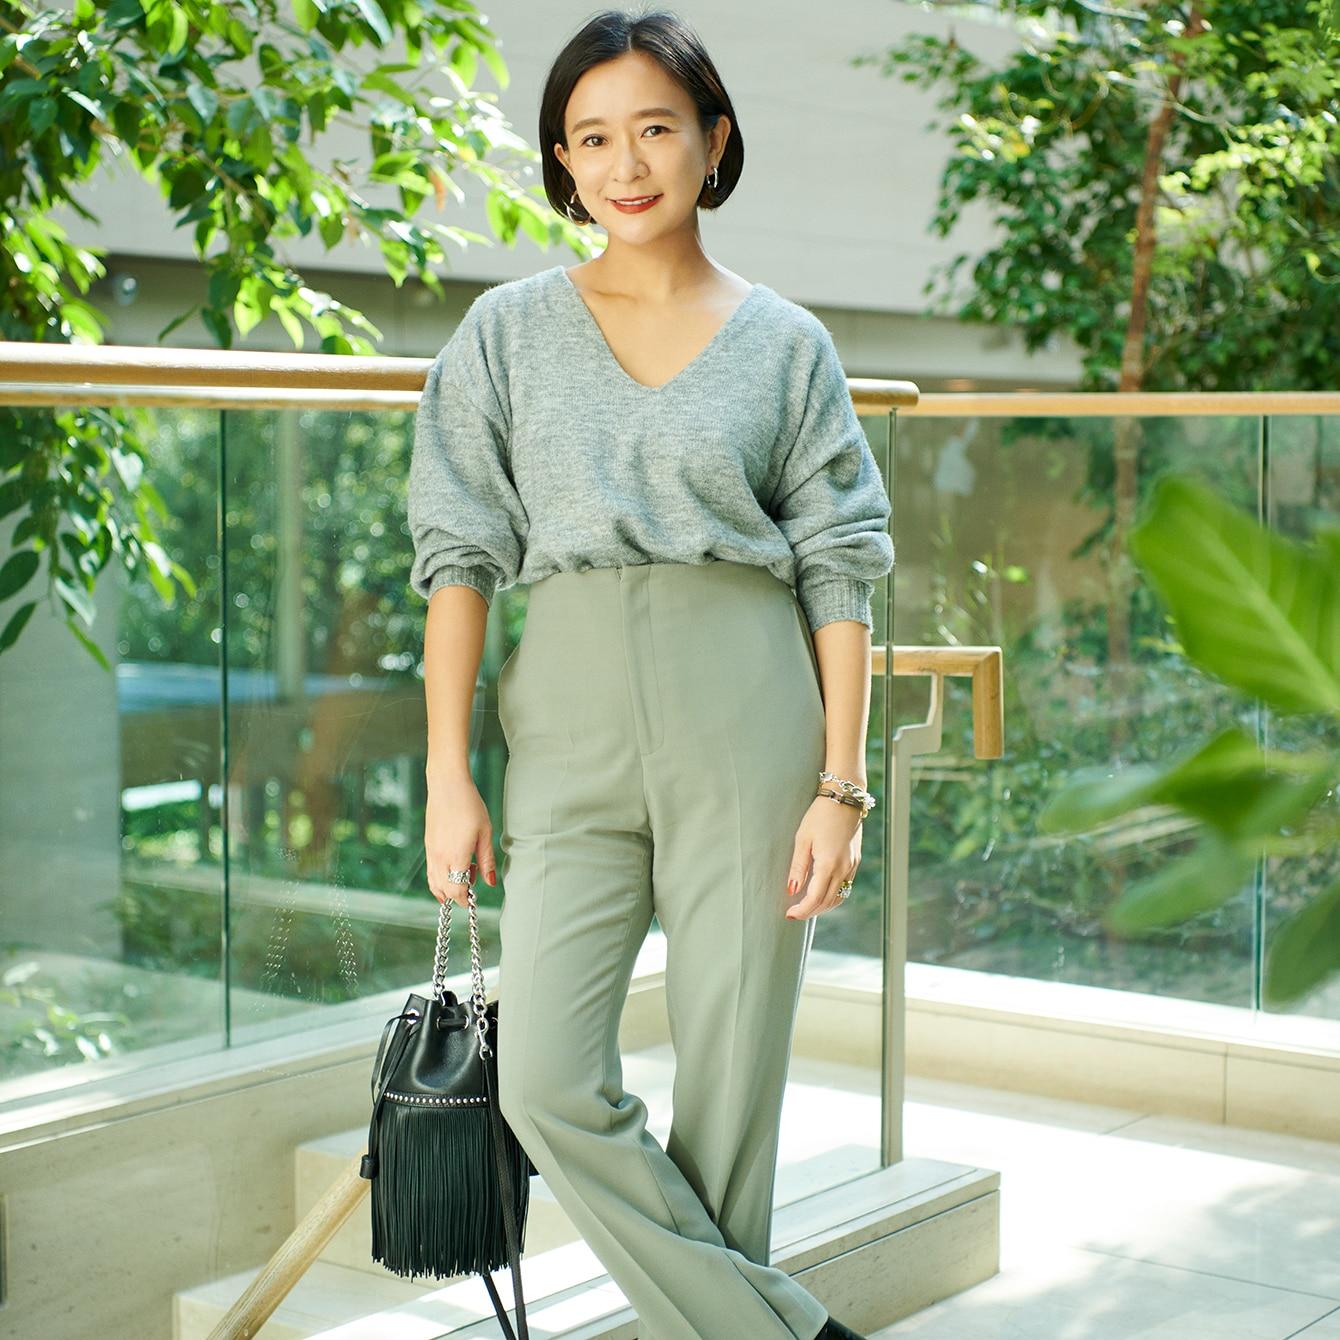 ロンドン在住スタイリストが語る「日本でしか買えない5つのファッションアイテム」